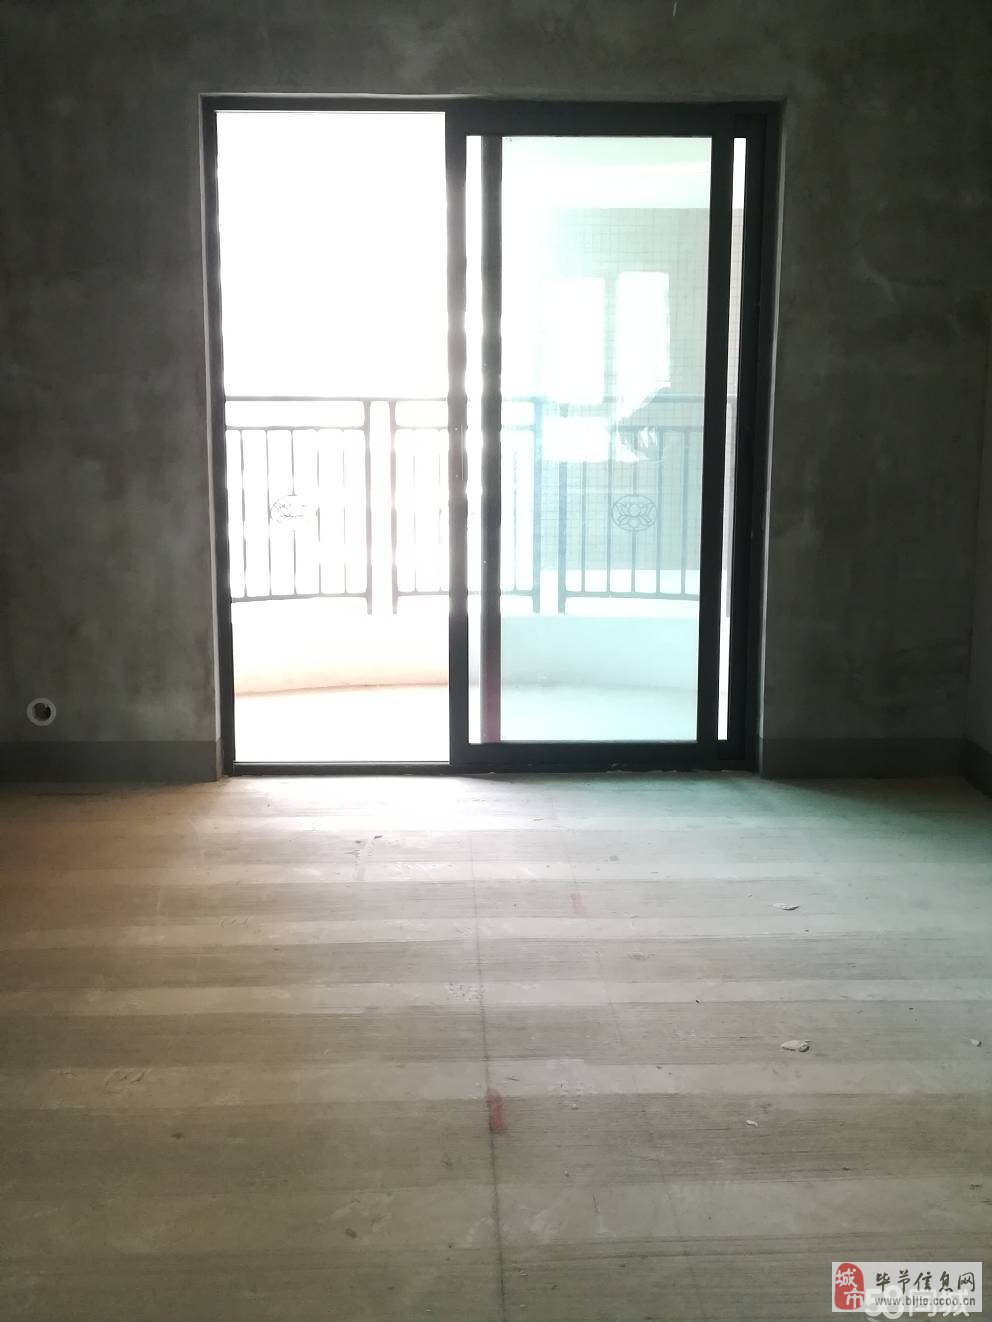 急售黔西金石明珠花园洋房3室2厅1卫46万元